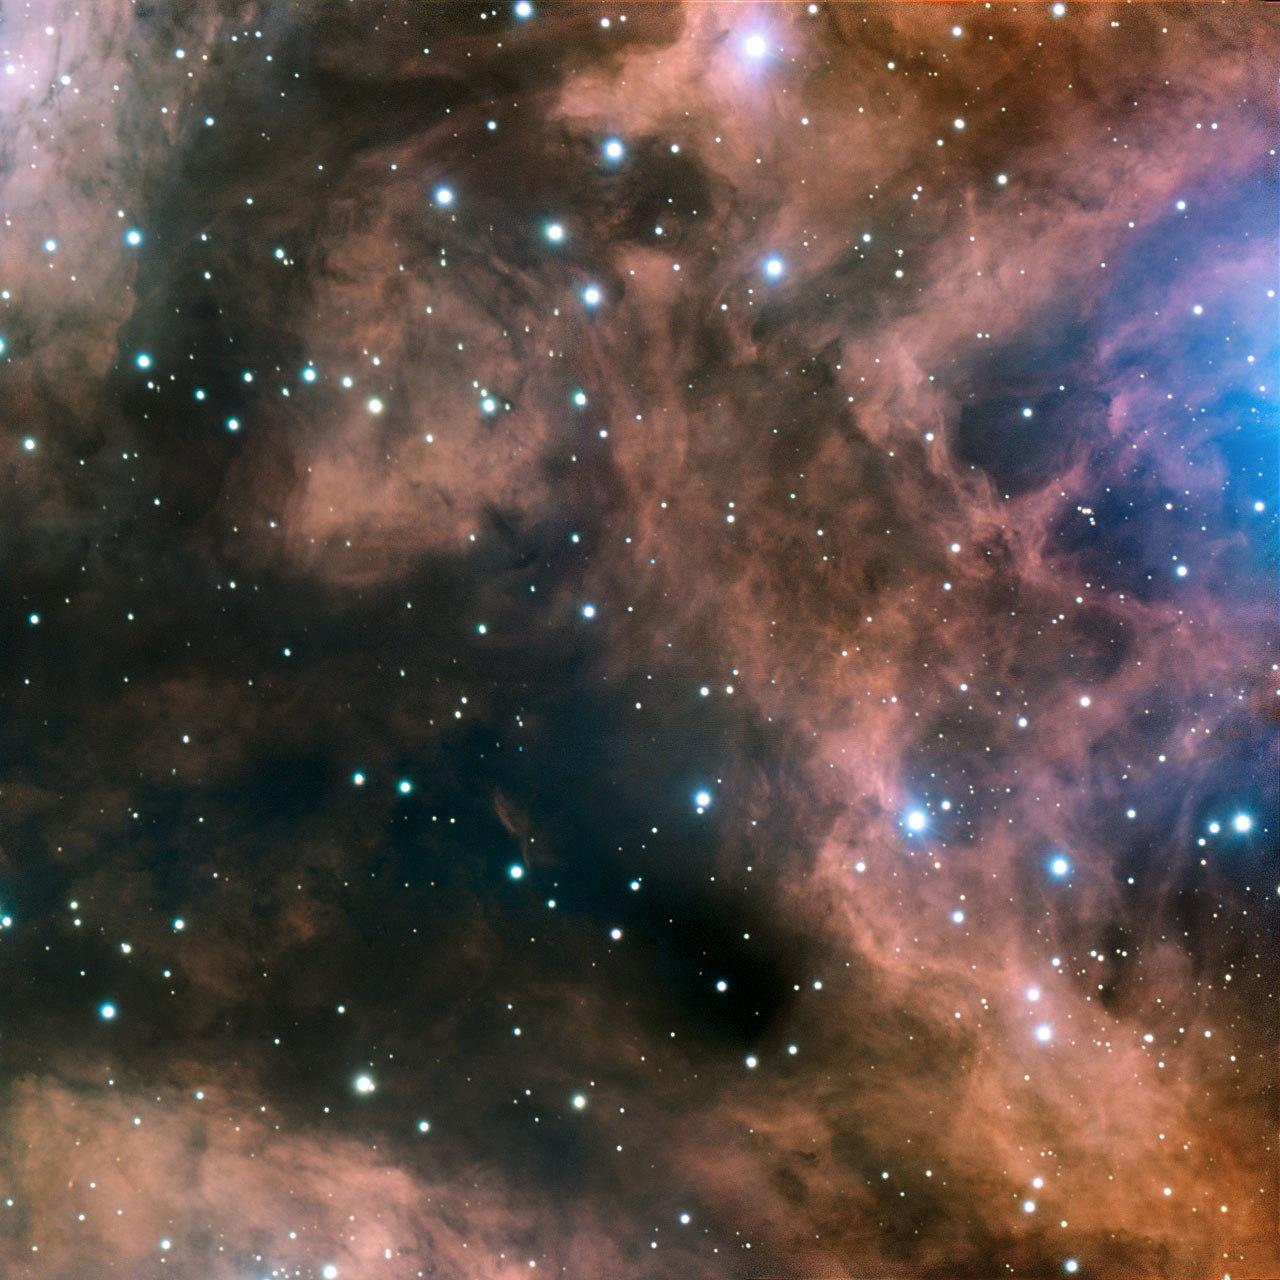 Emission Nebula NGC 6357